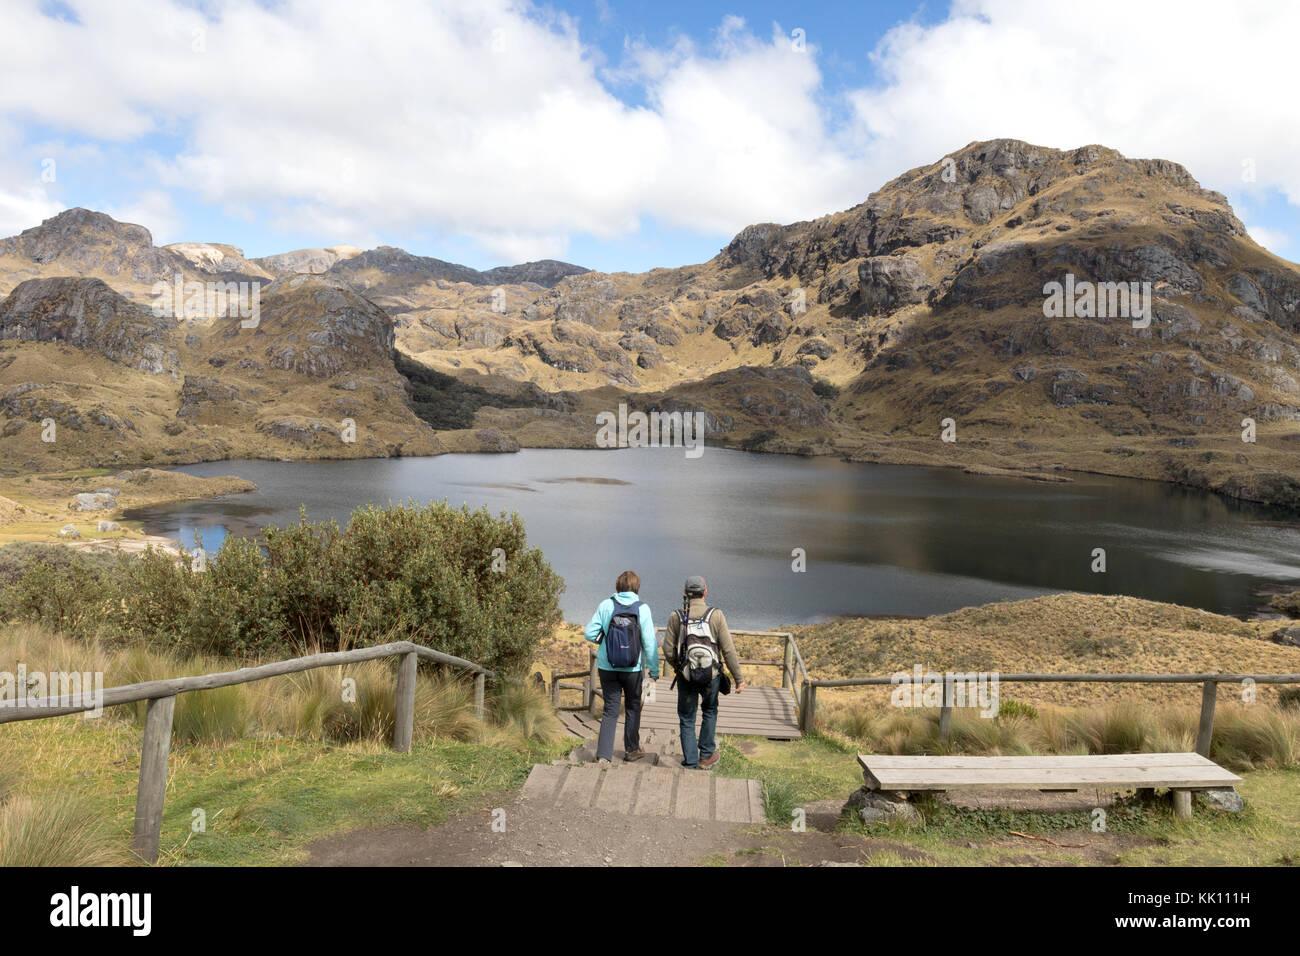 Viajes Ecuador - una pareja caminar en el Parque Nacional El Cajas, en el sur de Ecuador, América del Sur Imagen De Stock